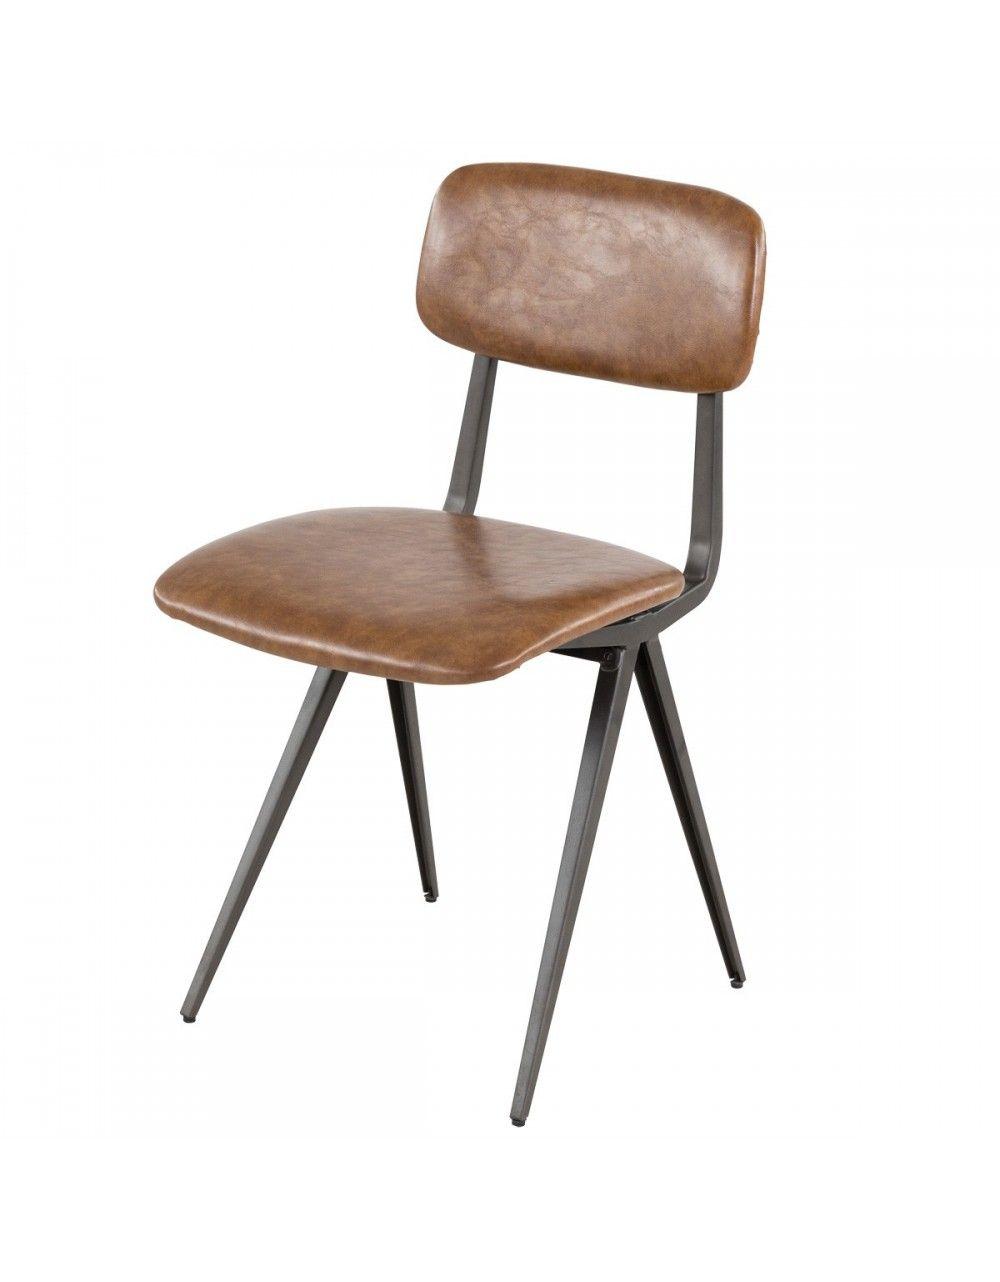 Chaise vintage ARTHUR. Confortable et esthétique, cette